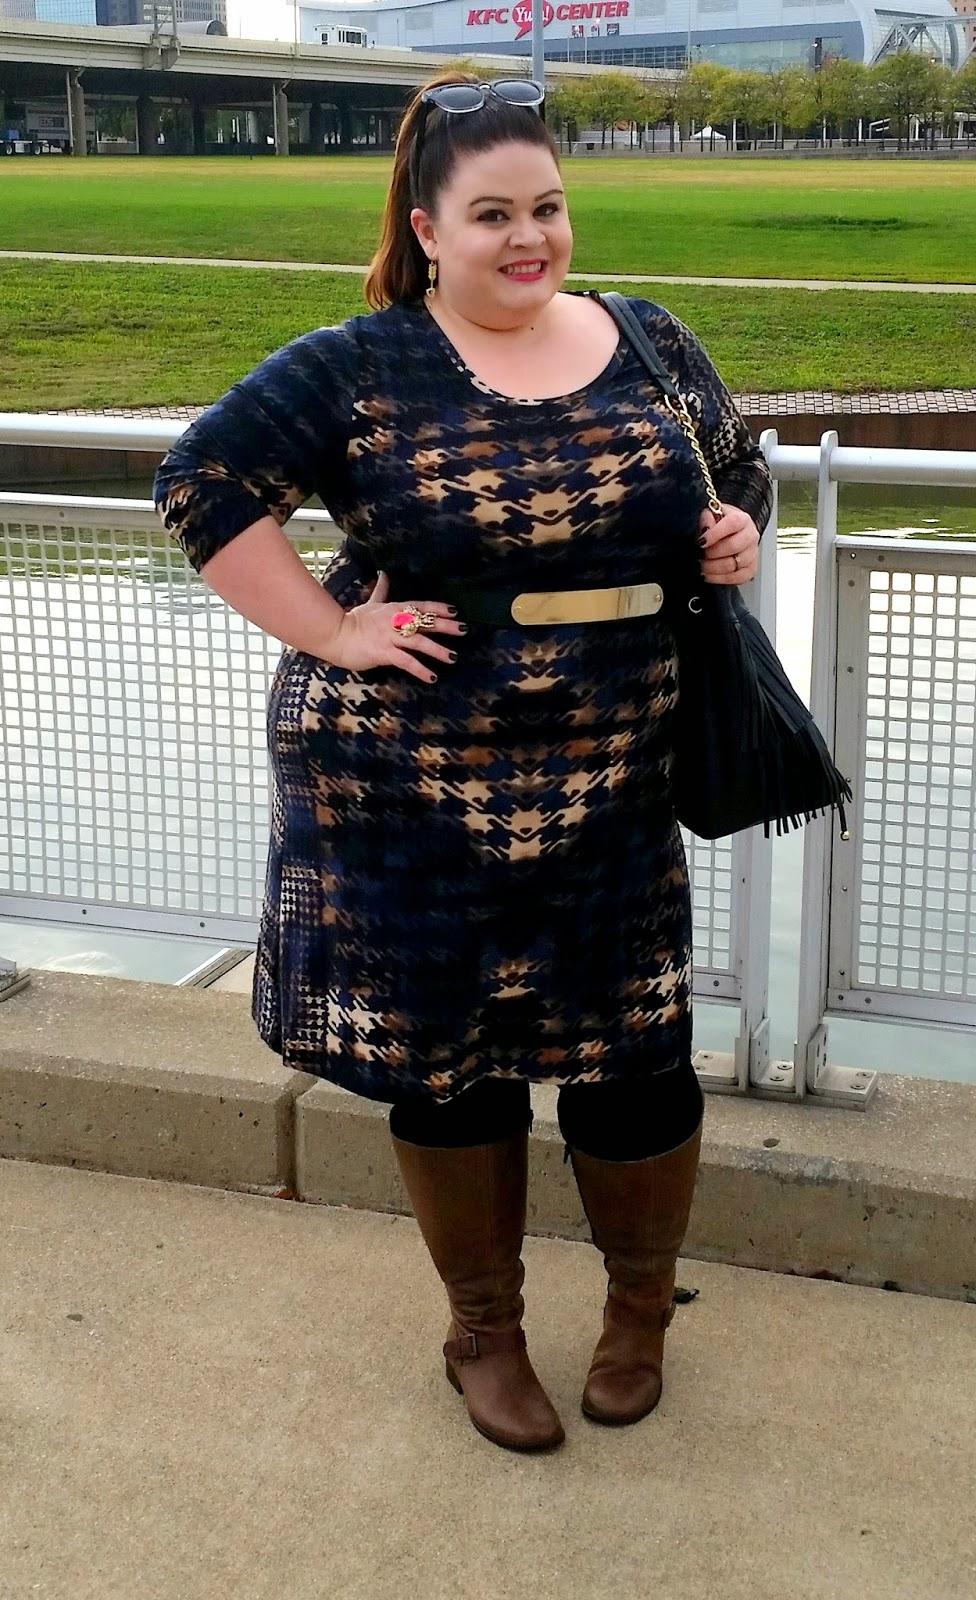 Thestylesupreme Plus Size Ootd Karen Kane Via Gwynnie Bee